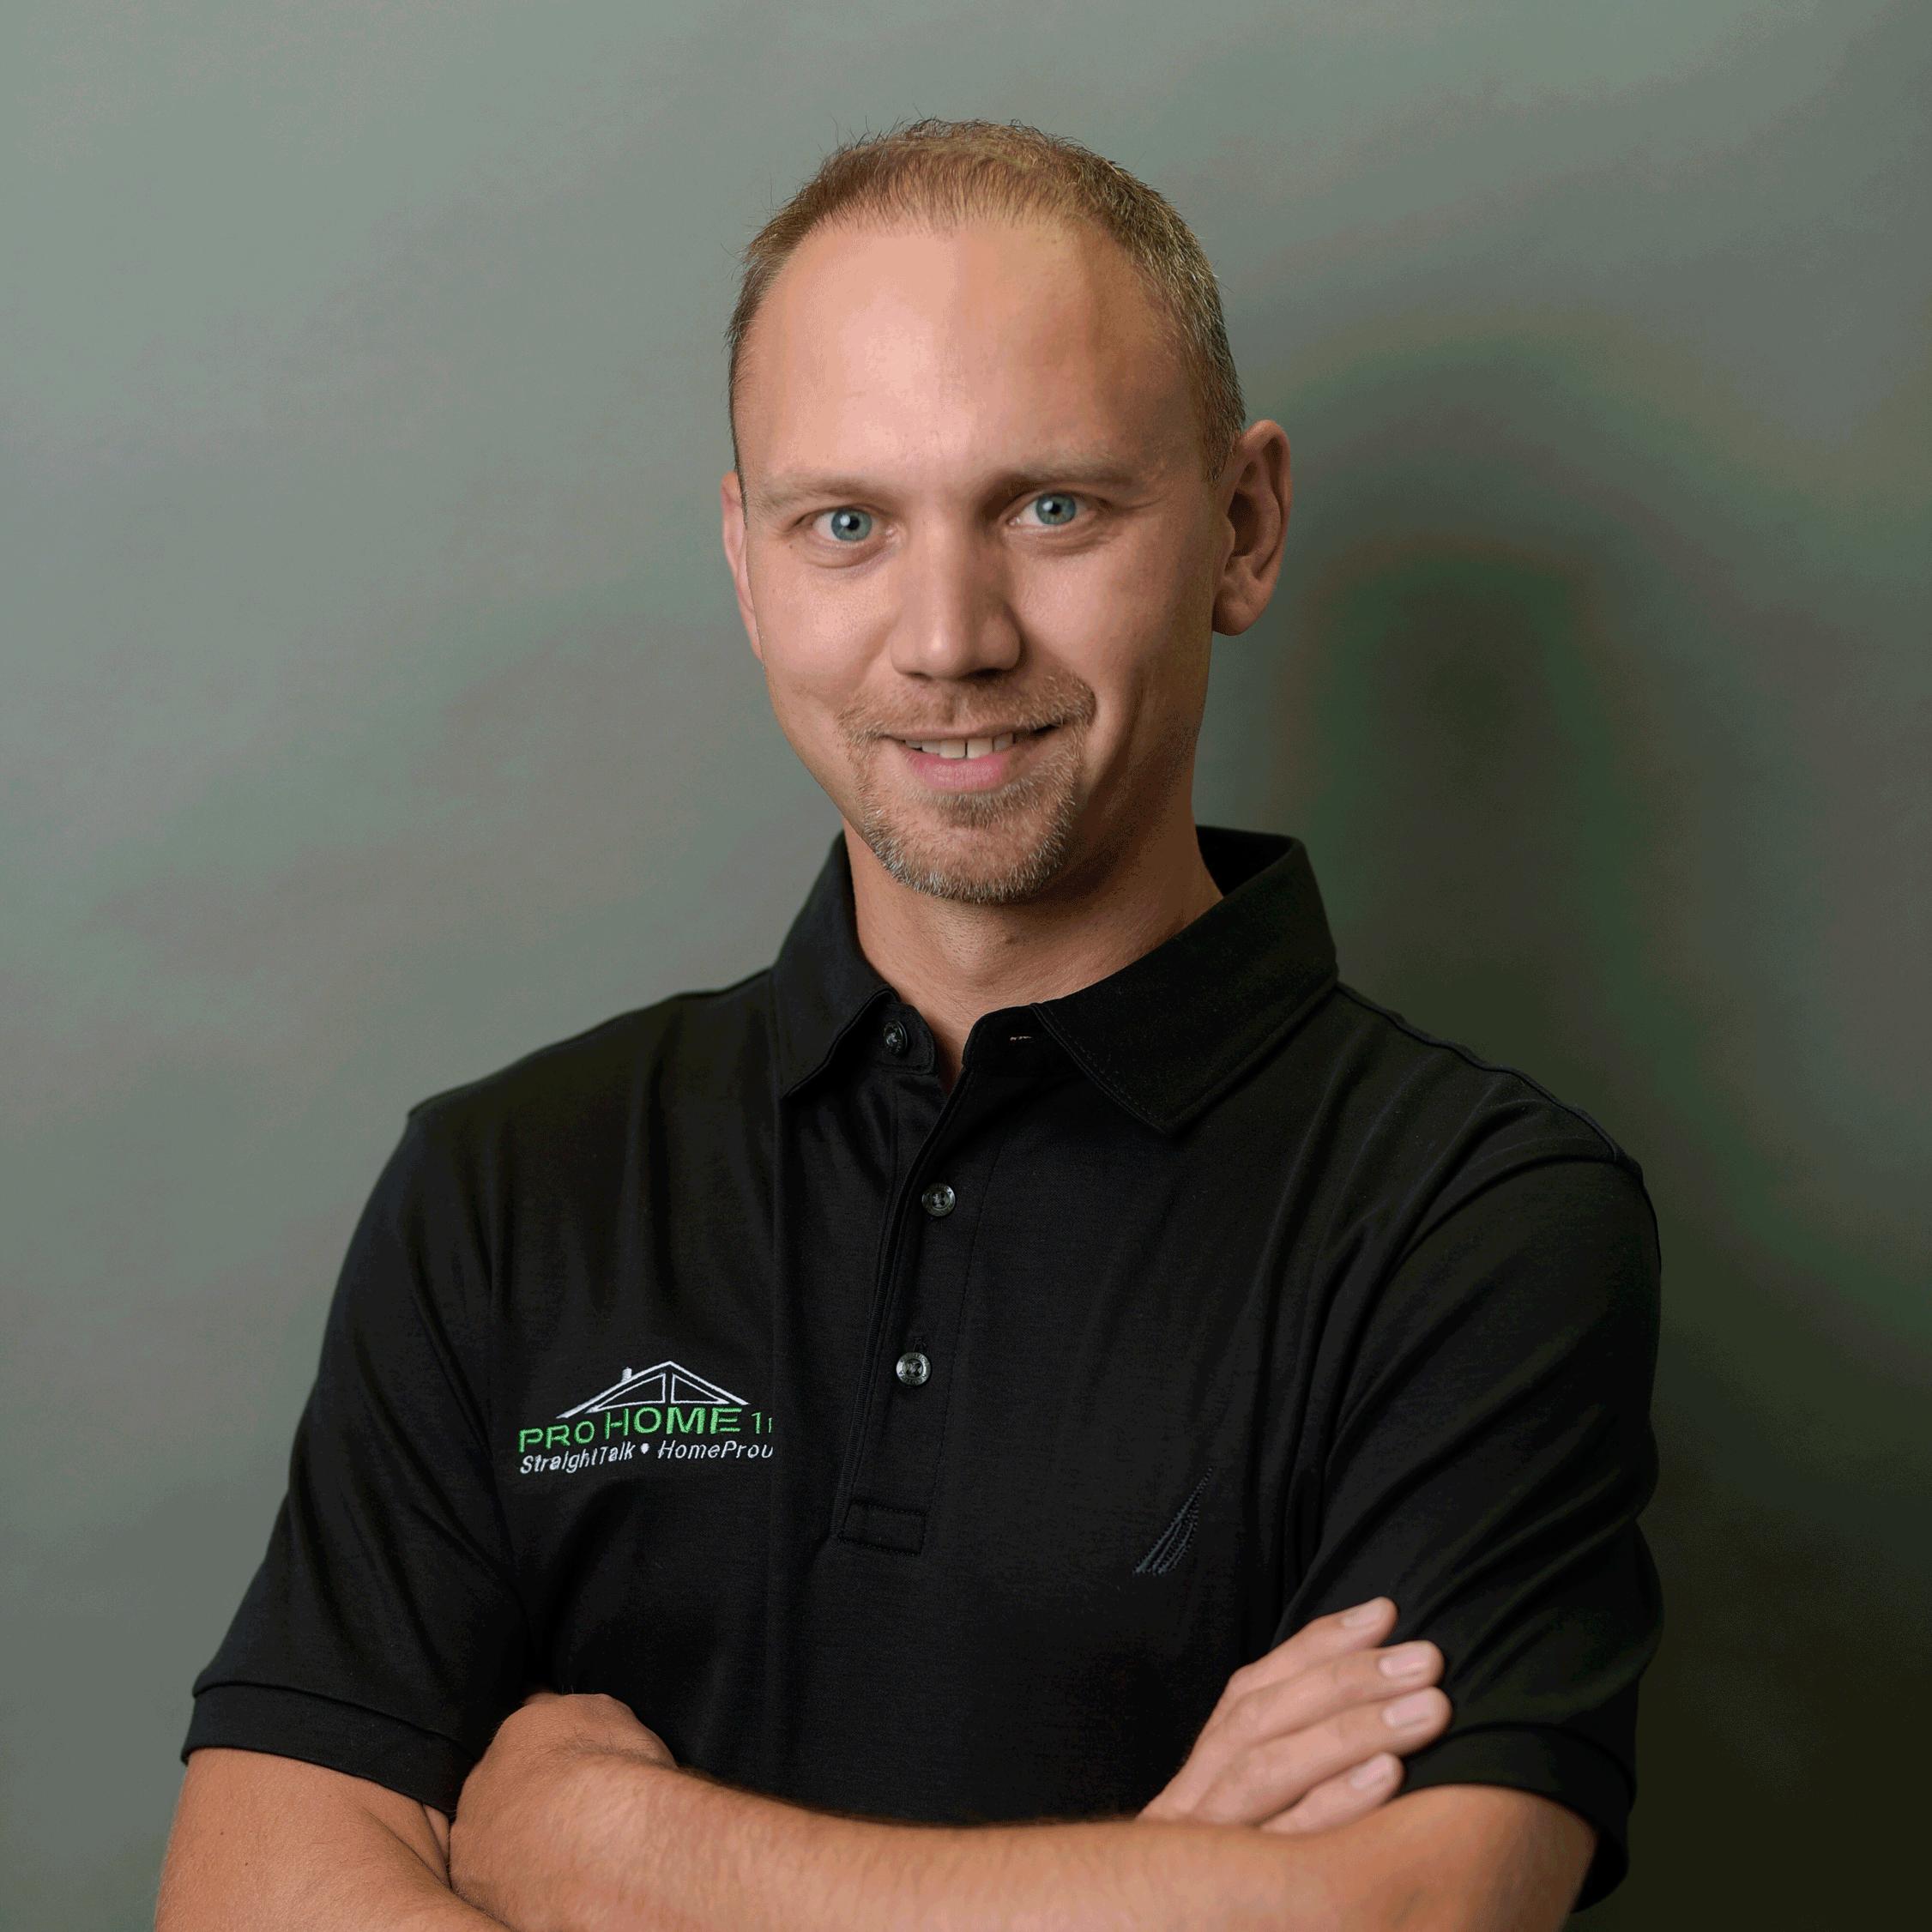 Peter Pawelko headshot